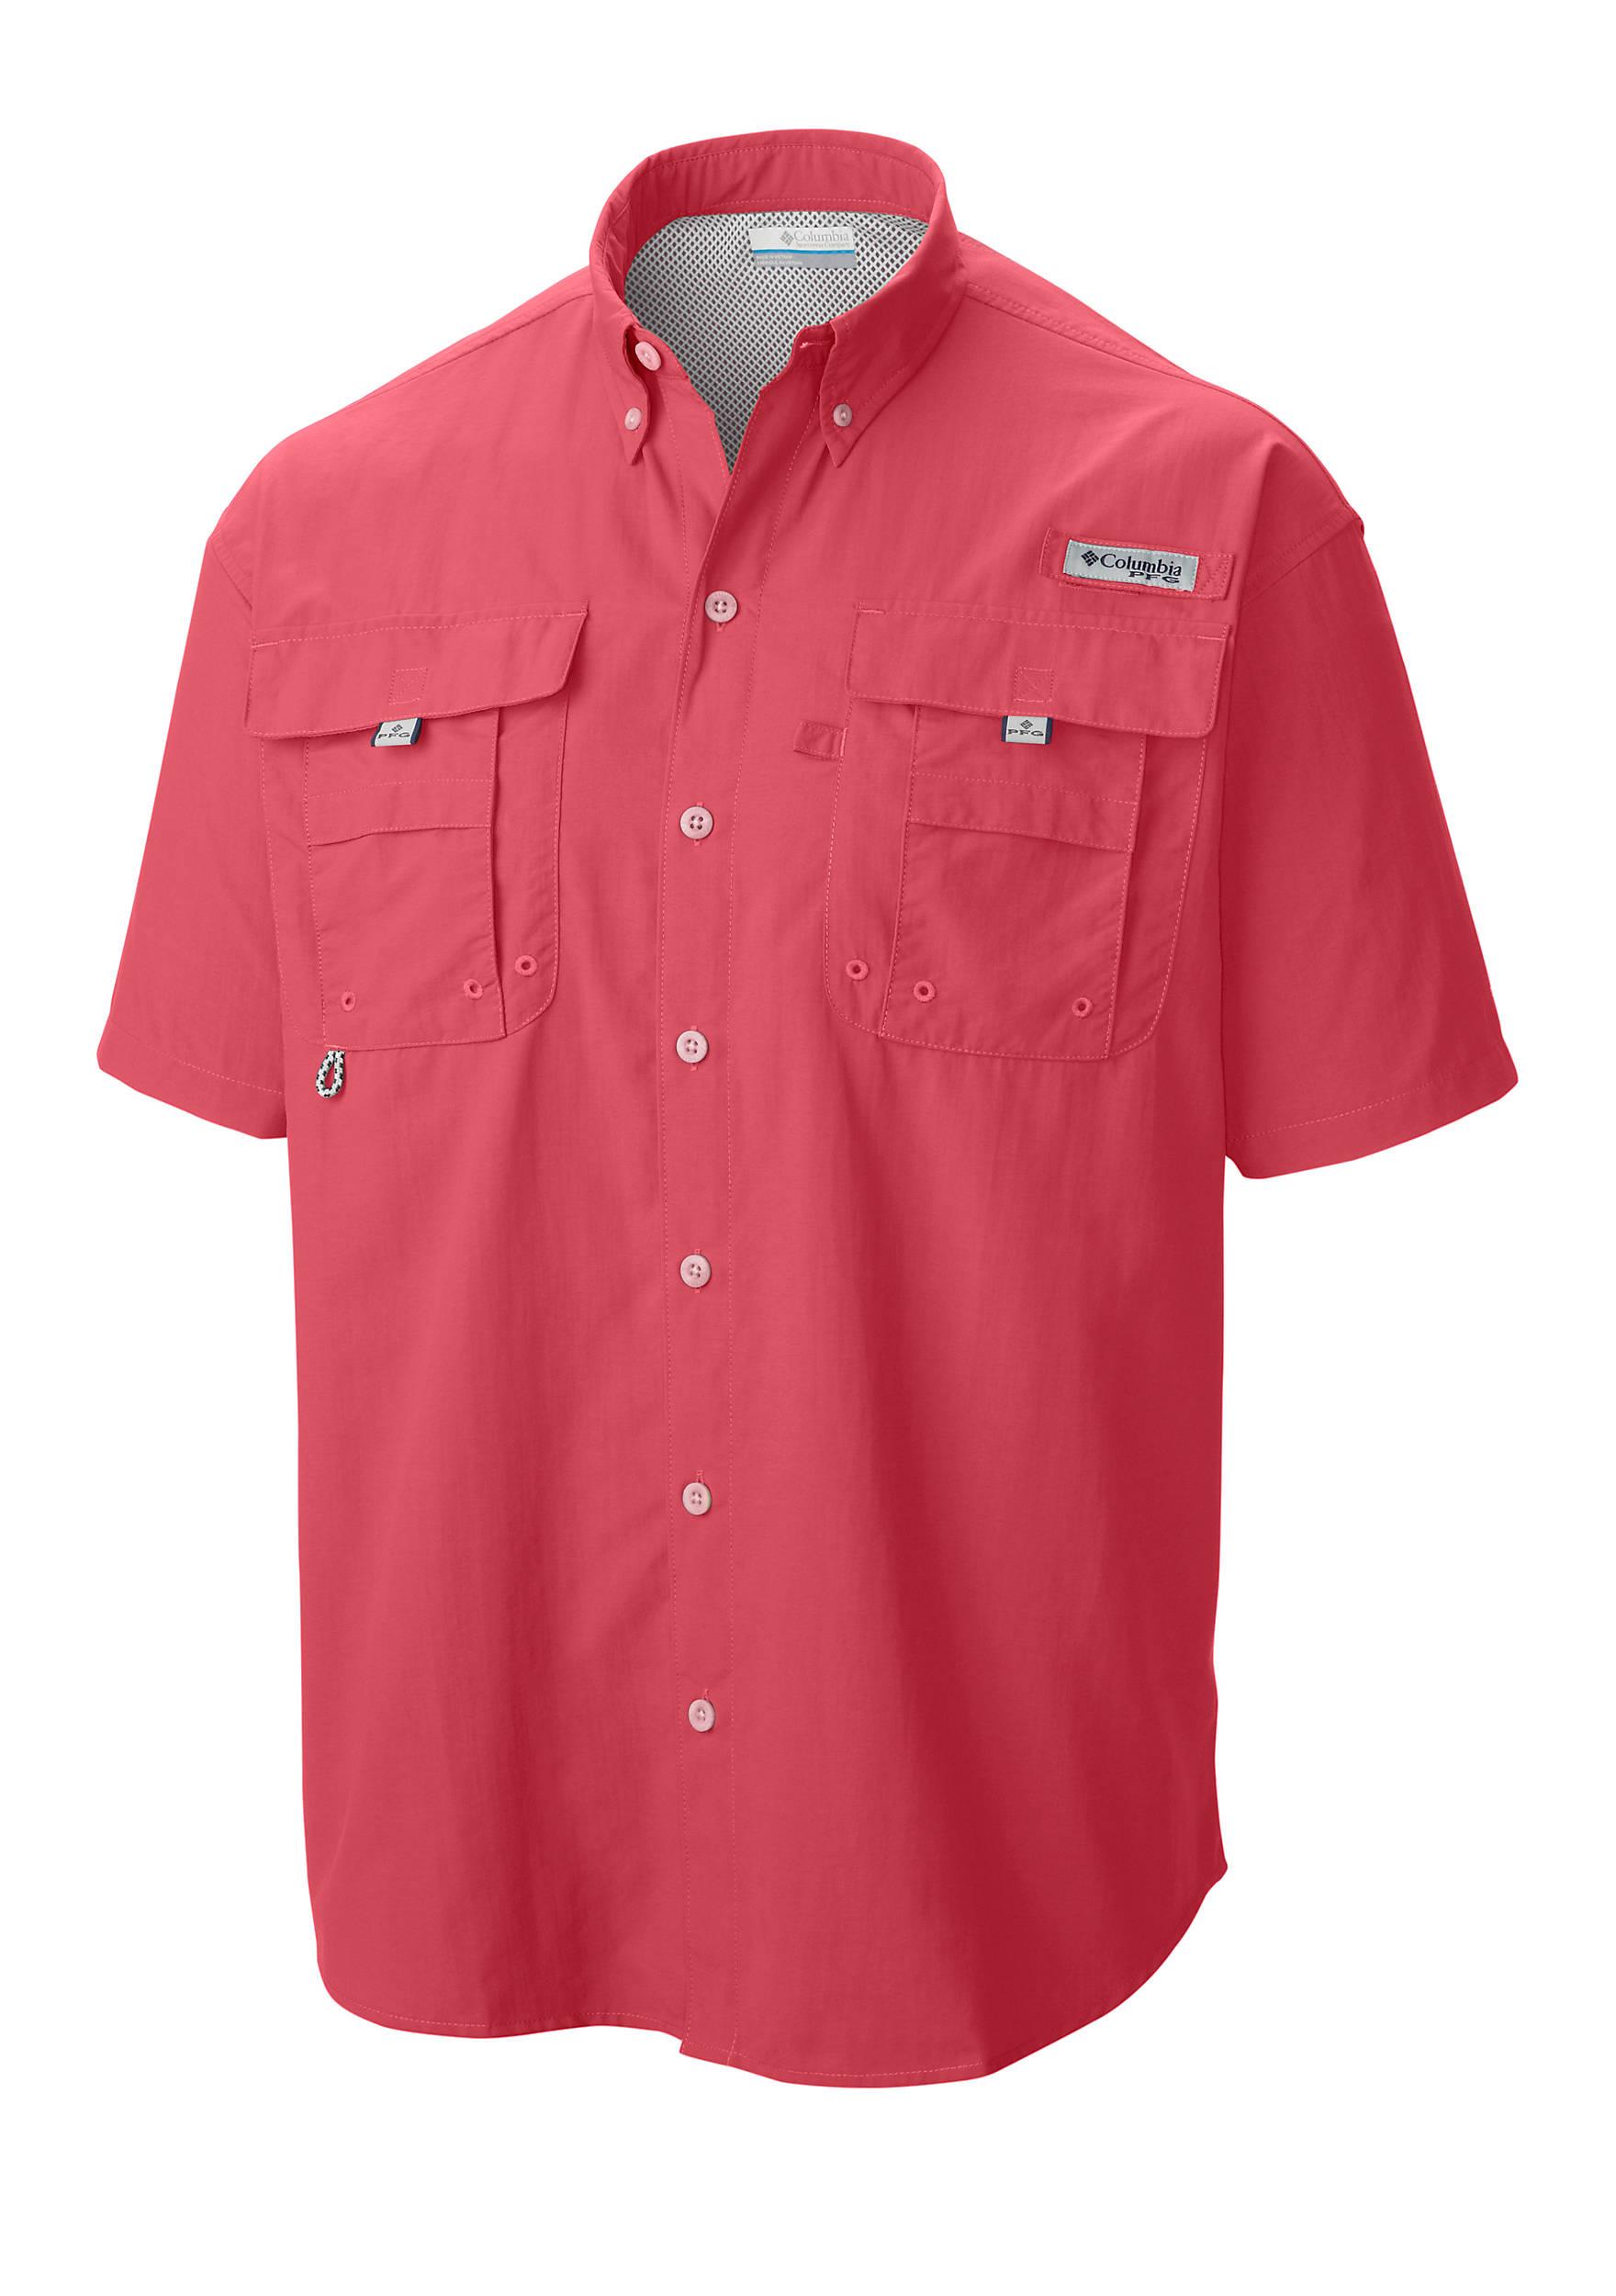 Columbia Big & Tall PFG Bahama™ II Short Sleeve Shirt | belk